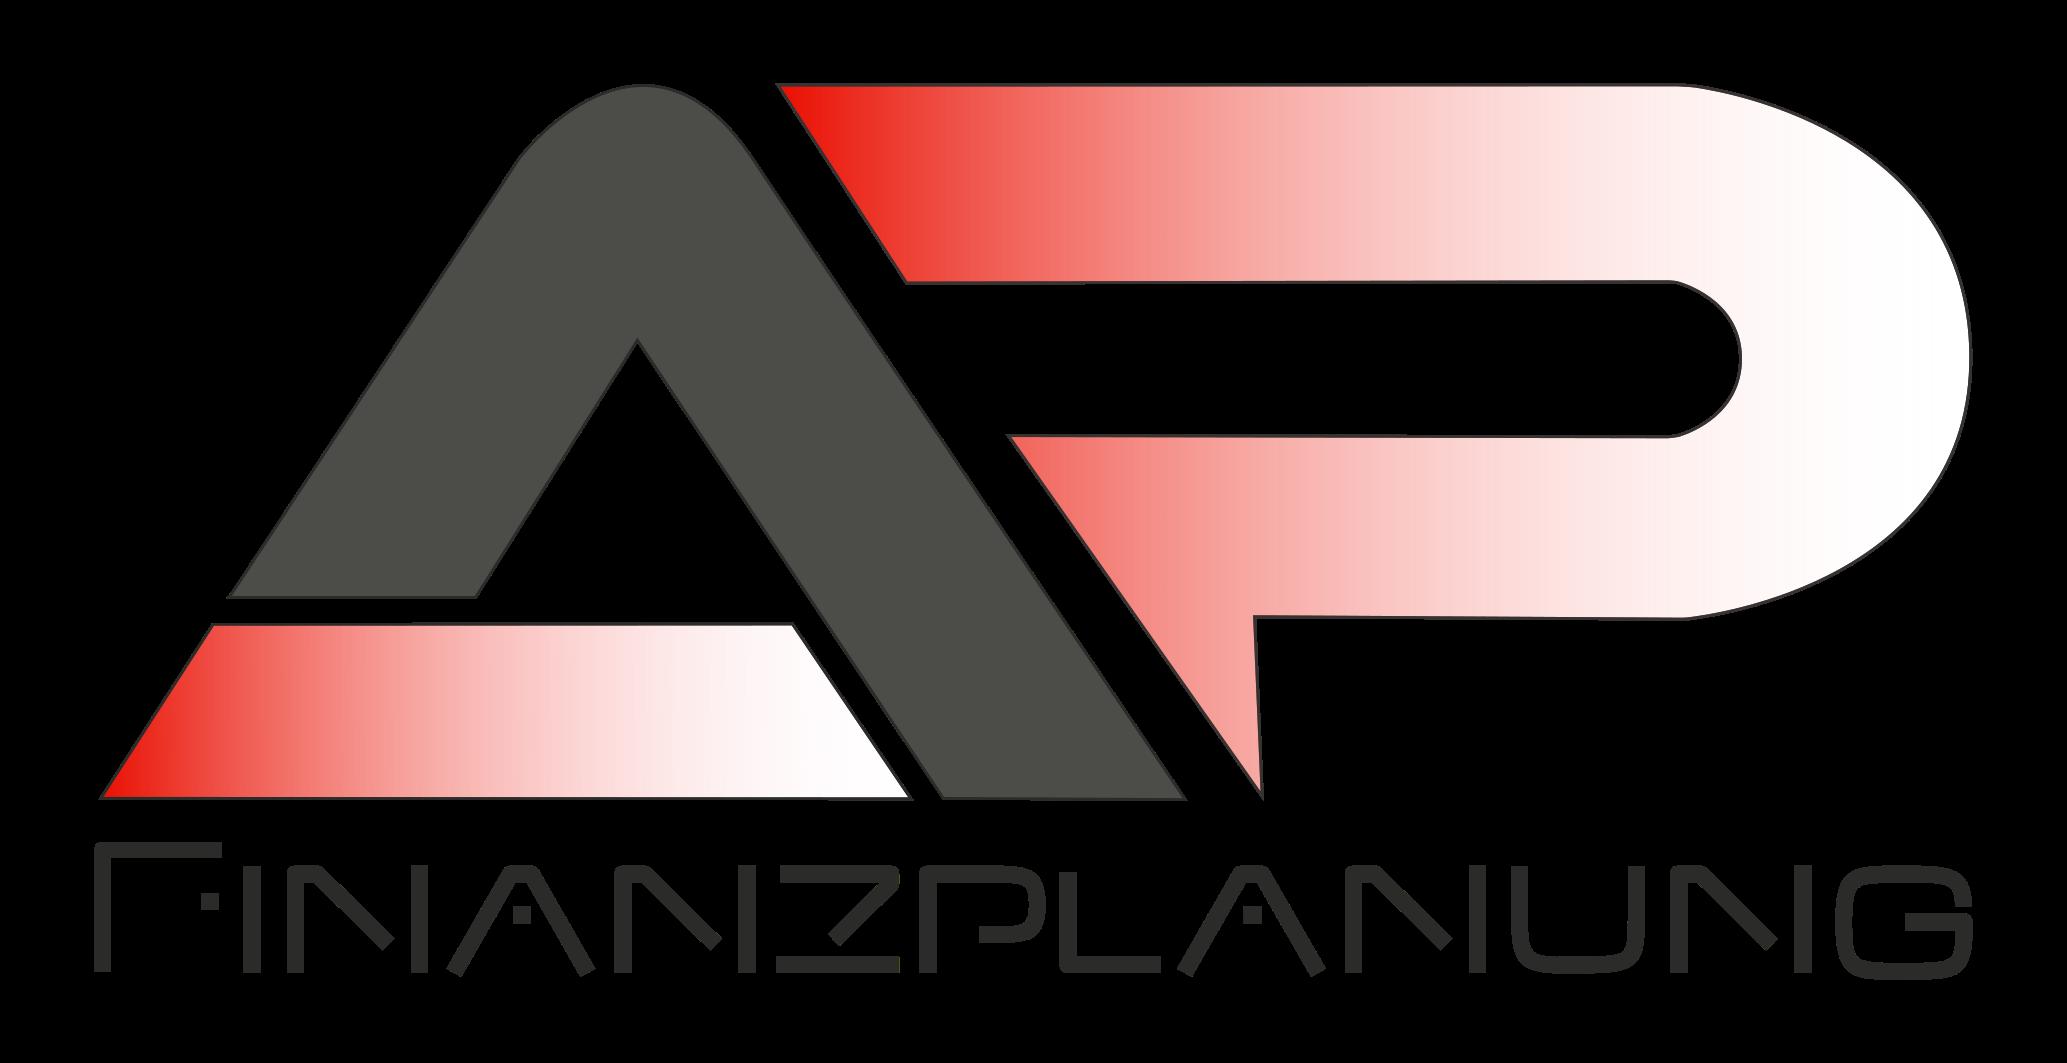 AP Finanzplanung